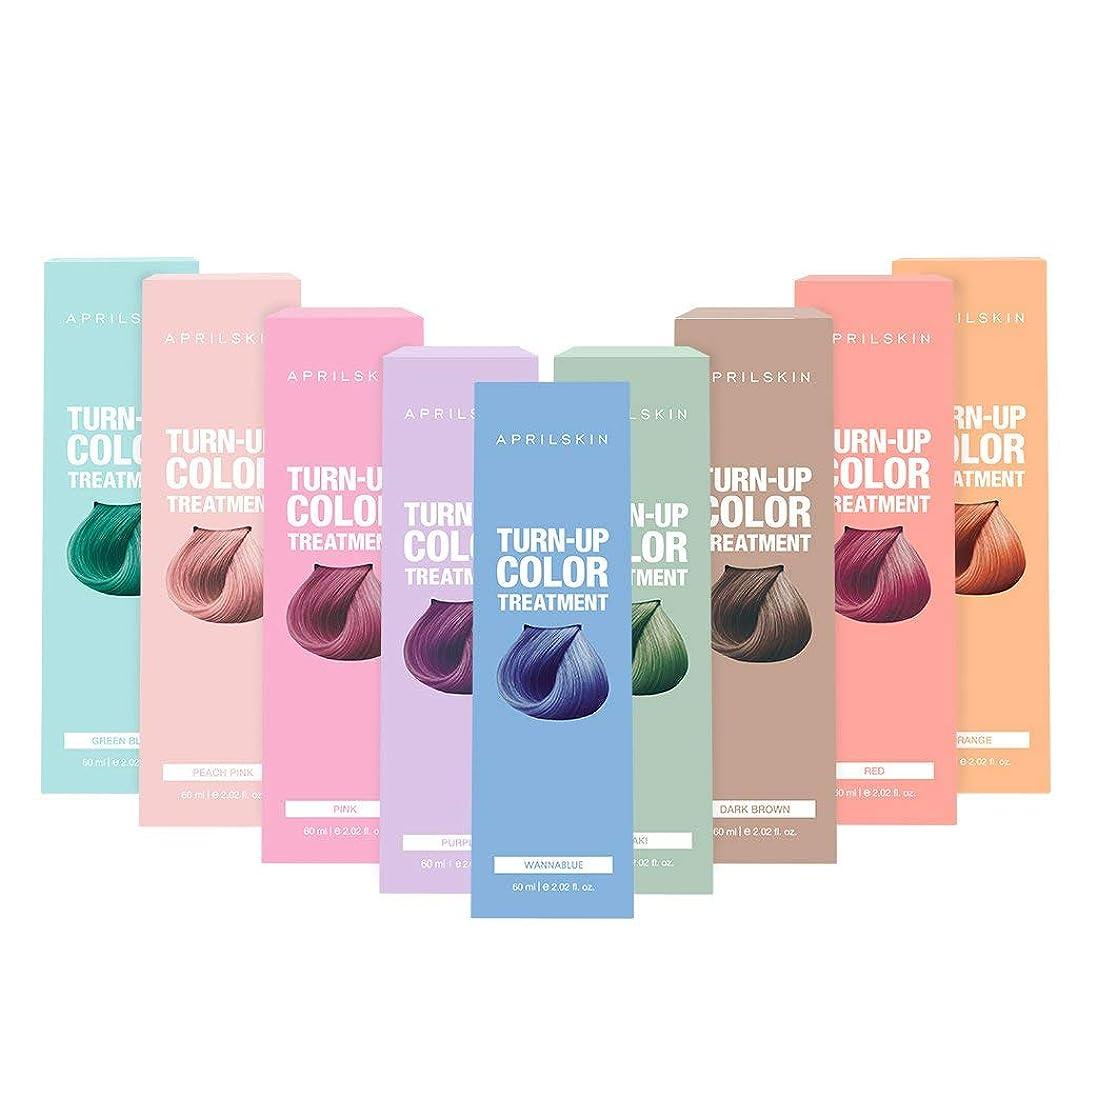 騒乱ライブ乳April Skin(エイプリルスキン) ターンアップカラー トリートメント Ash Violet(アッシュバイオレット) Set(Peach Pink + Orange + Green Blue) /Turn up Color Treatment/K-Beauty